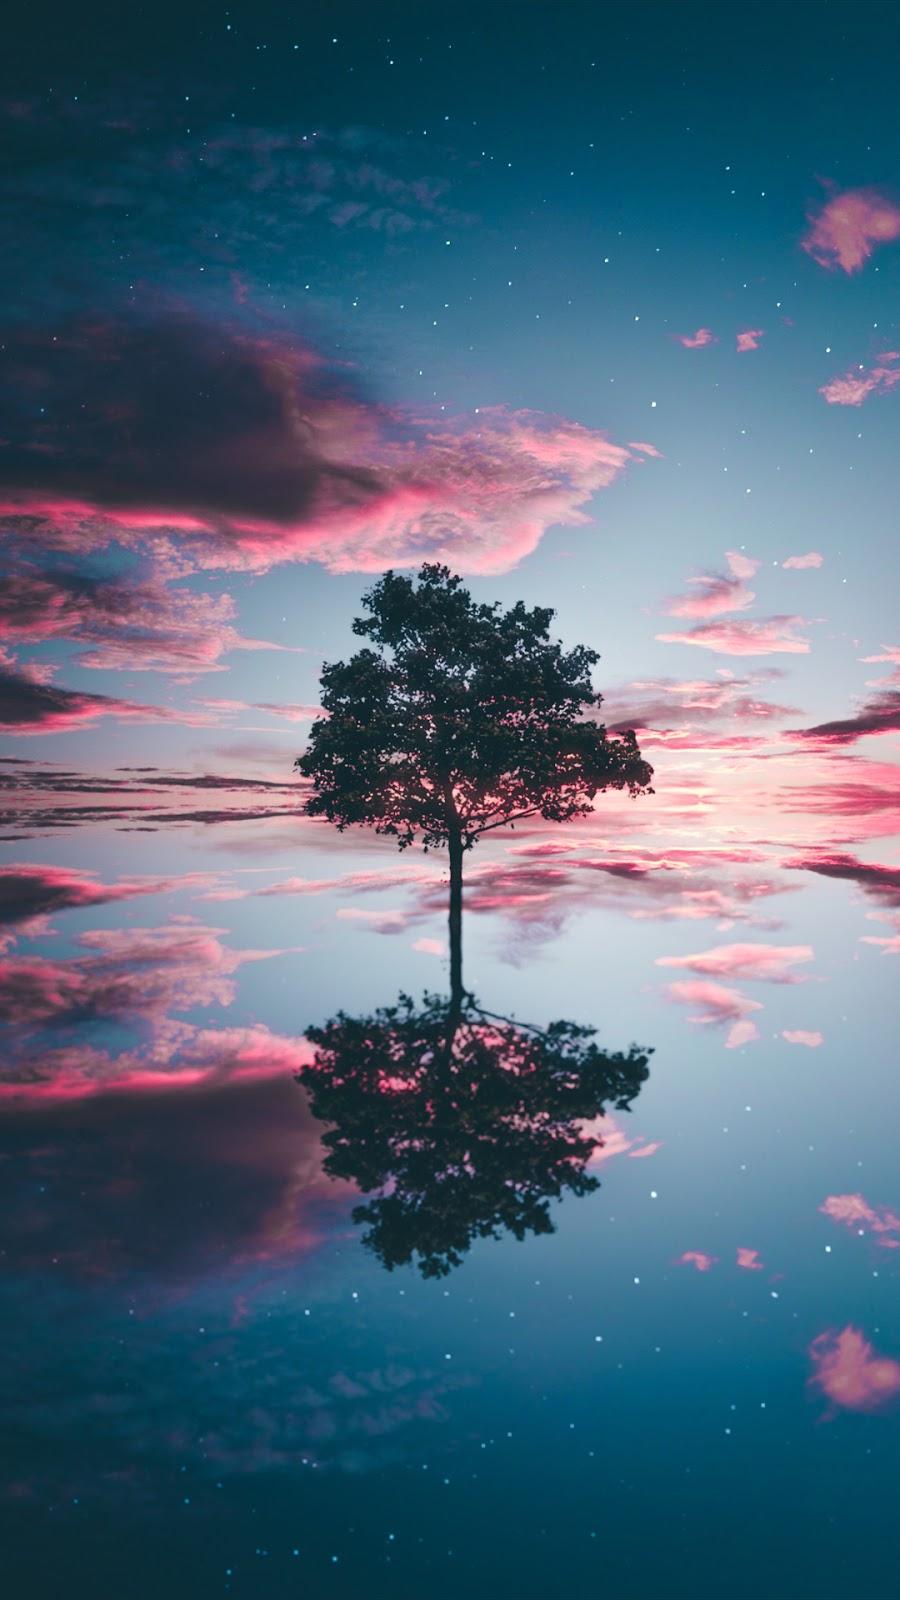 Cô đơn giữa bầu trời đầy sao